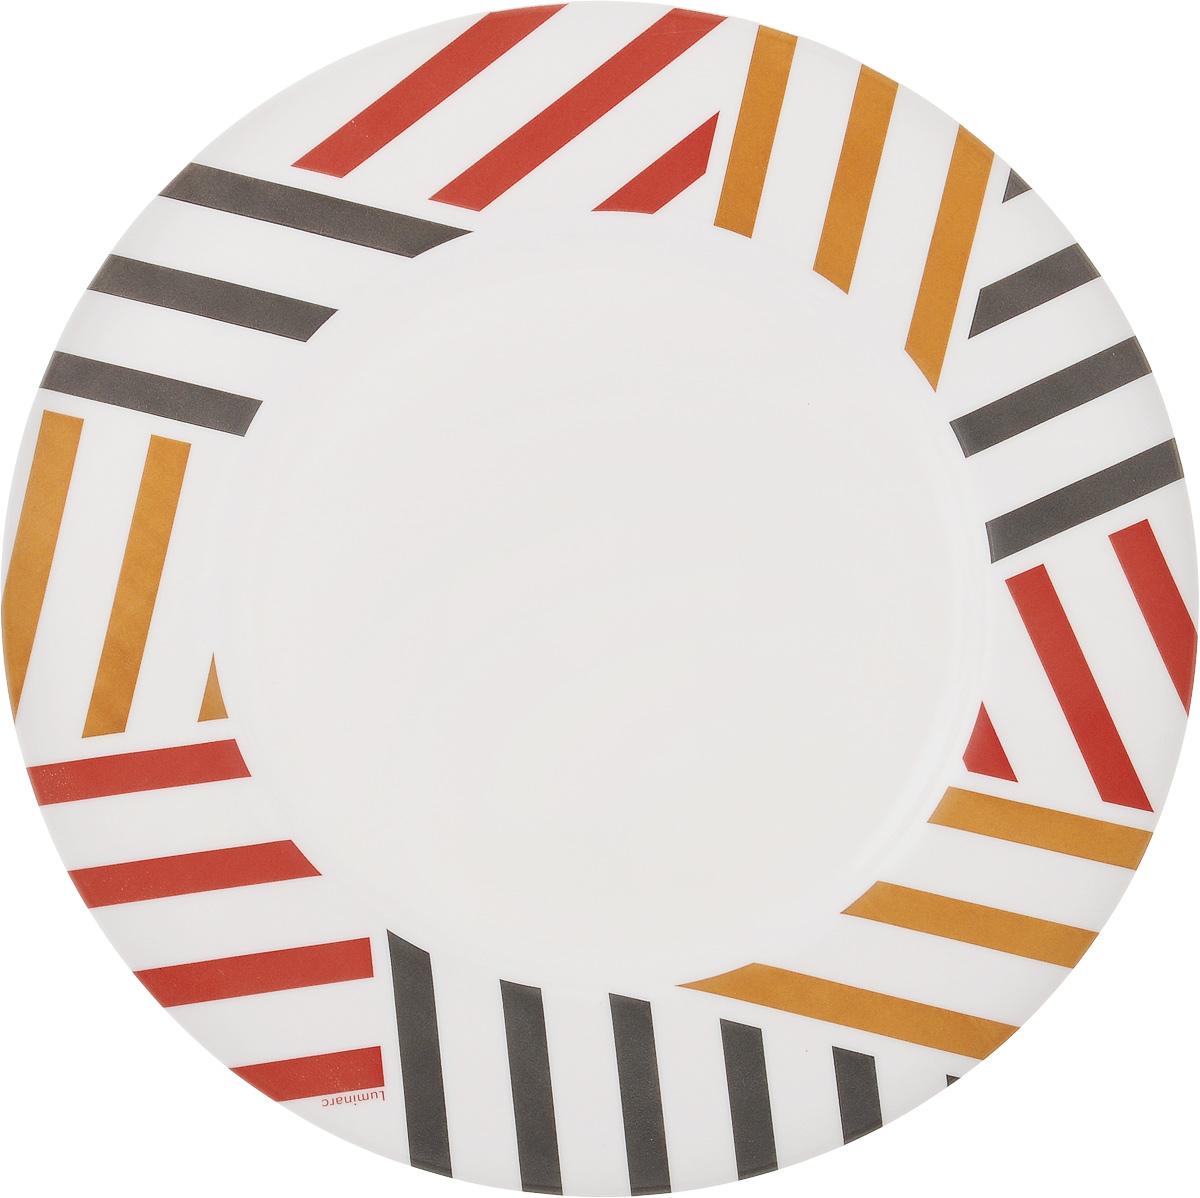 Тарелка обеденная Luminarc Balnea, диаметр 24 смH2470Обеденная тарелка Luminarc Balnea, изготовленная из ударопрочного стекла, имеет изысканный внешний вид. Яркий дизайн придется по вкусу и ценителям классики, и тем, кто предпочитает утонченность. Тарелка Luminarc Balnea идеально подойдет для сервировки вторых блюд из птицы, рыбы, мяса или овощей, а также станет отличным подарком к любому празднику. Диаметр тарелки (по верхнему краю): 24 см.